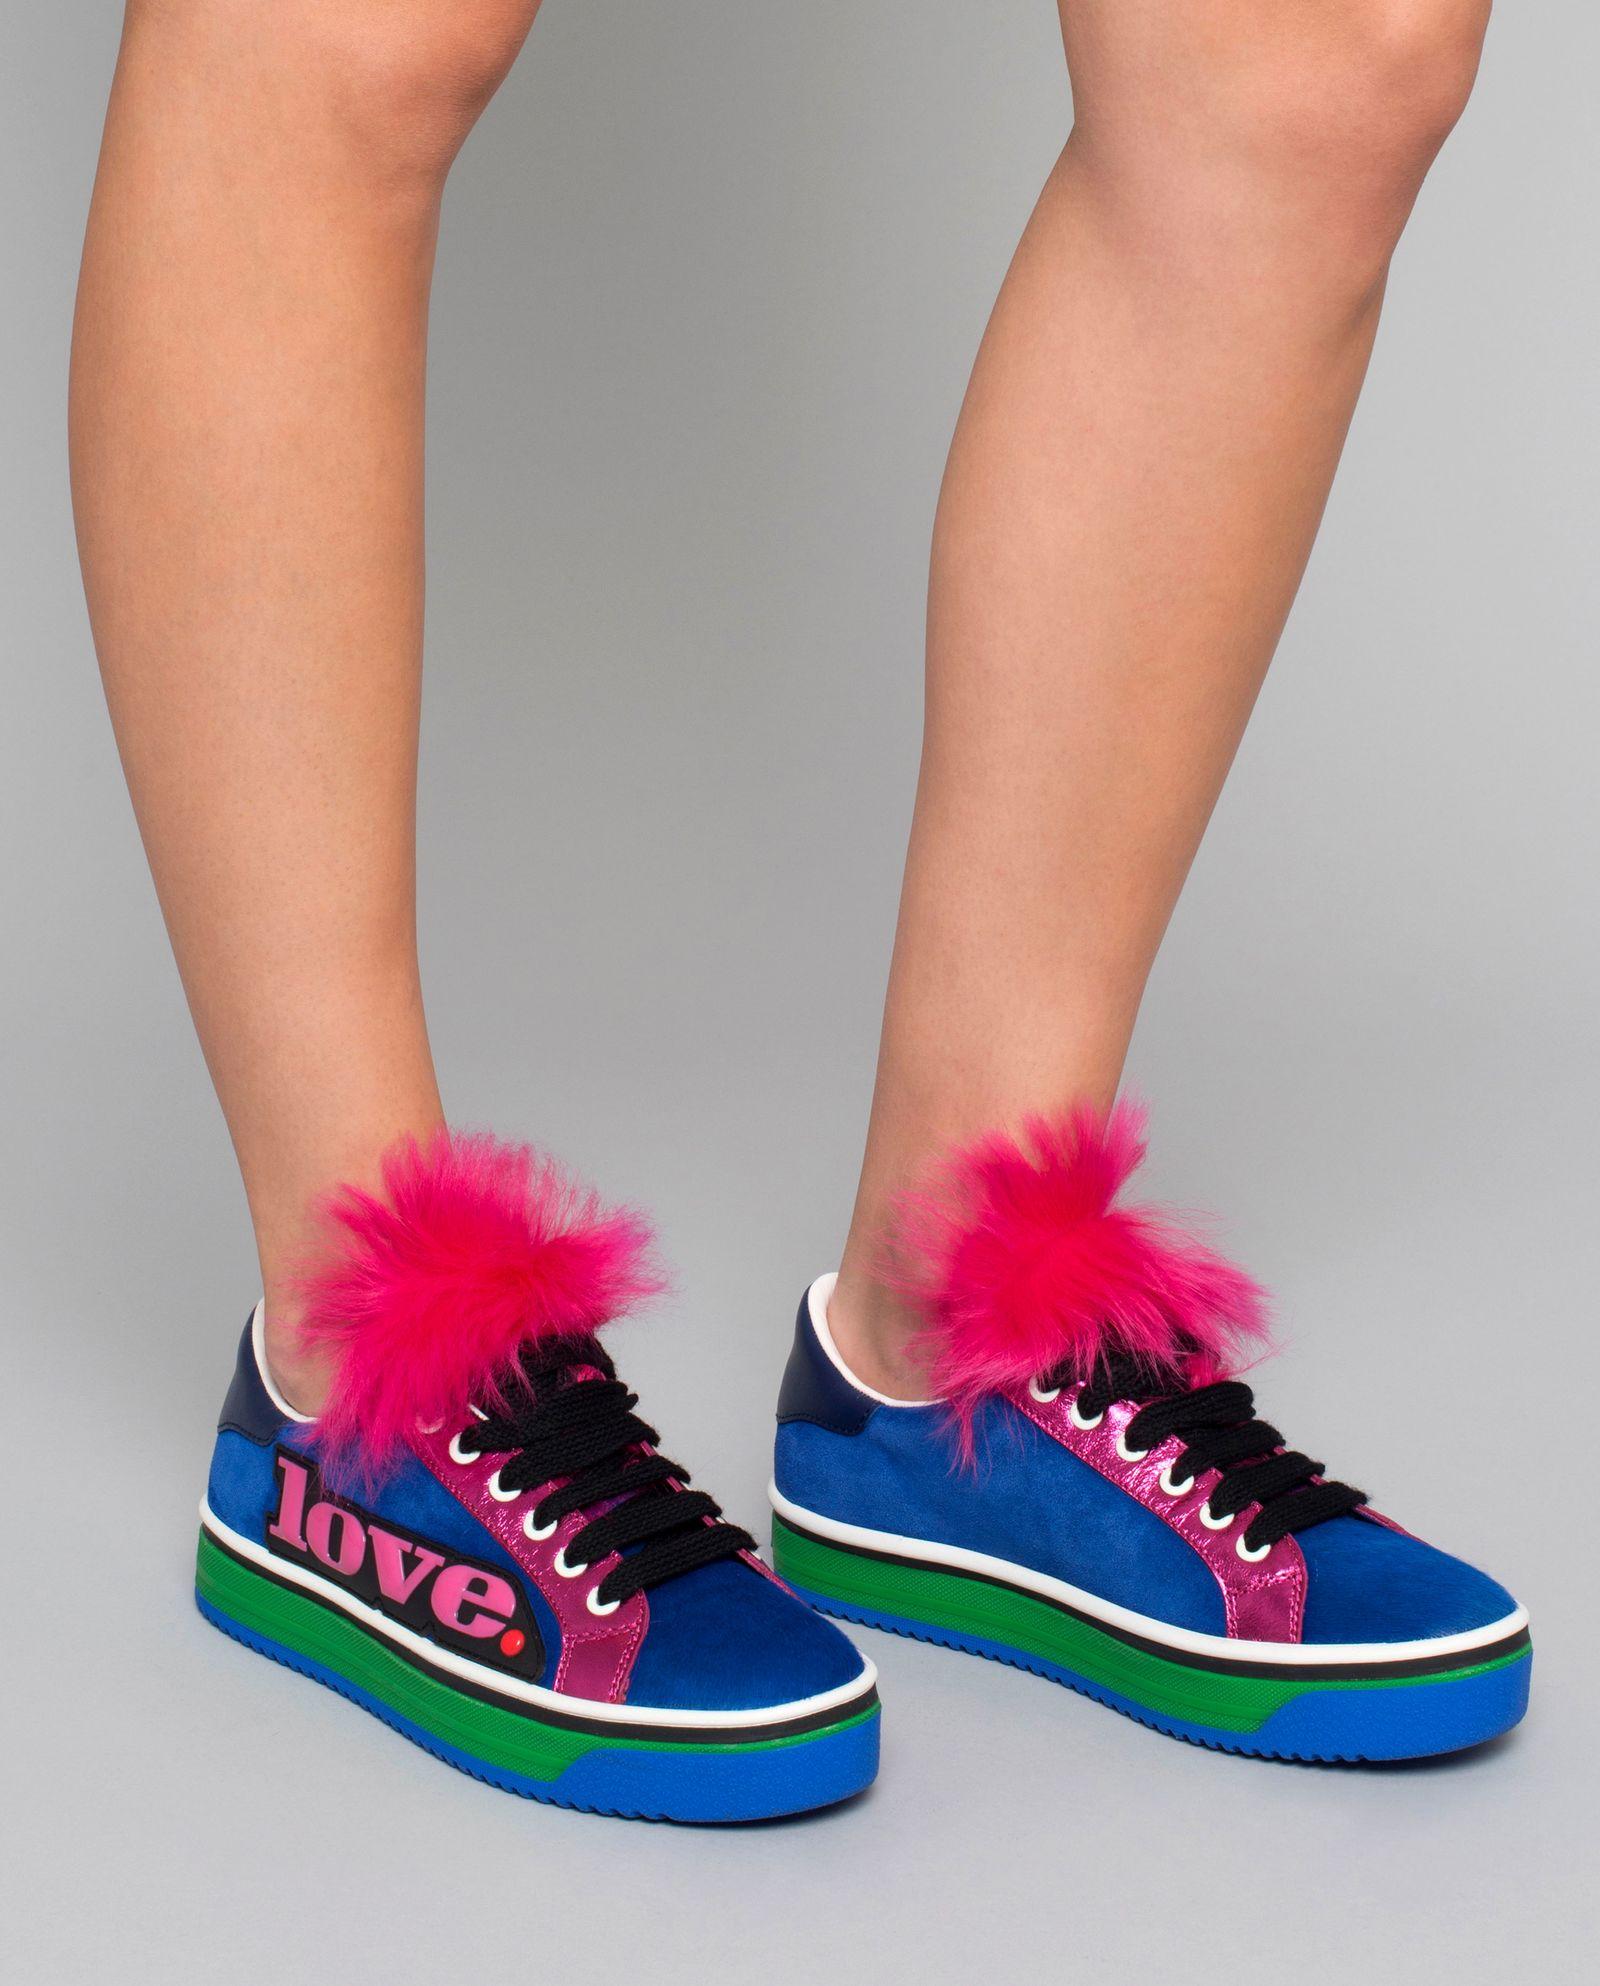 Sneakersy love MARC JACOBS – Kup teď! Nejlepší ceny a recenze! Obchod  Moliera2.cz. 7f79c1666c